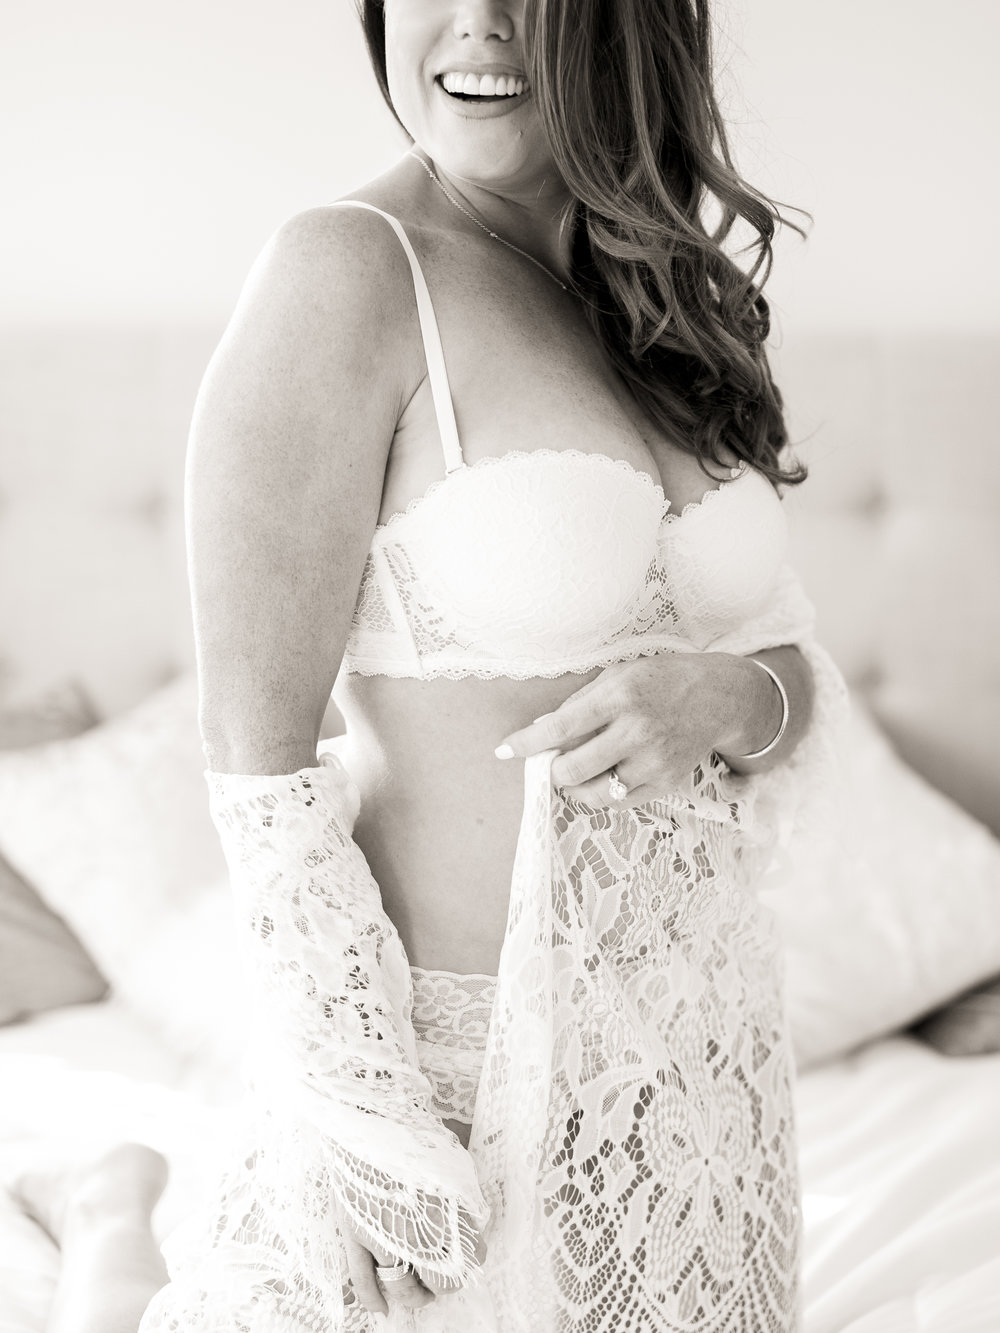 dennisroycoronel_bridal_boudoir_orangecounty_losangeles_photographer-31.jpg